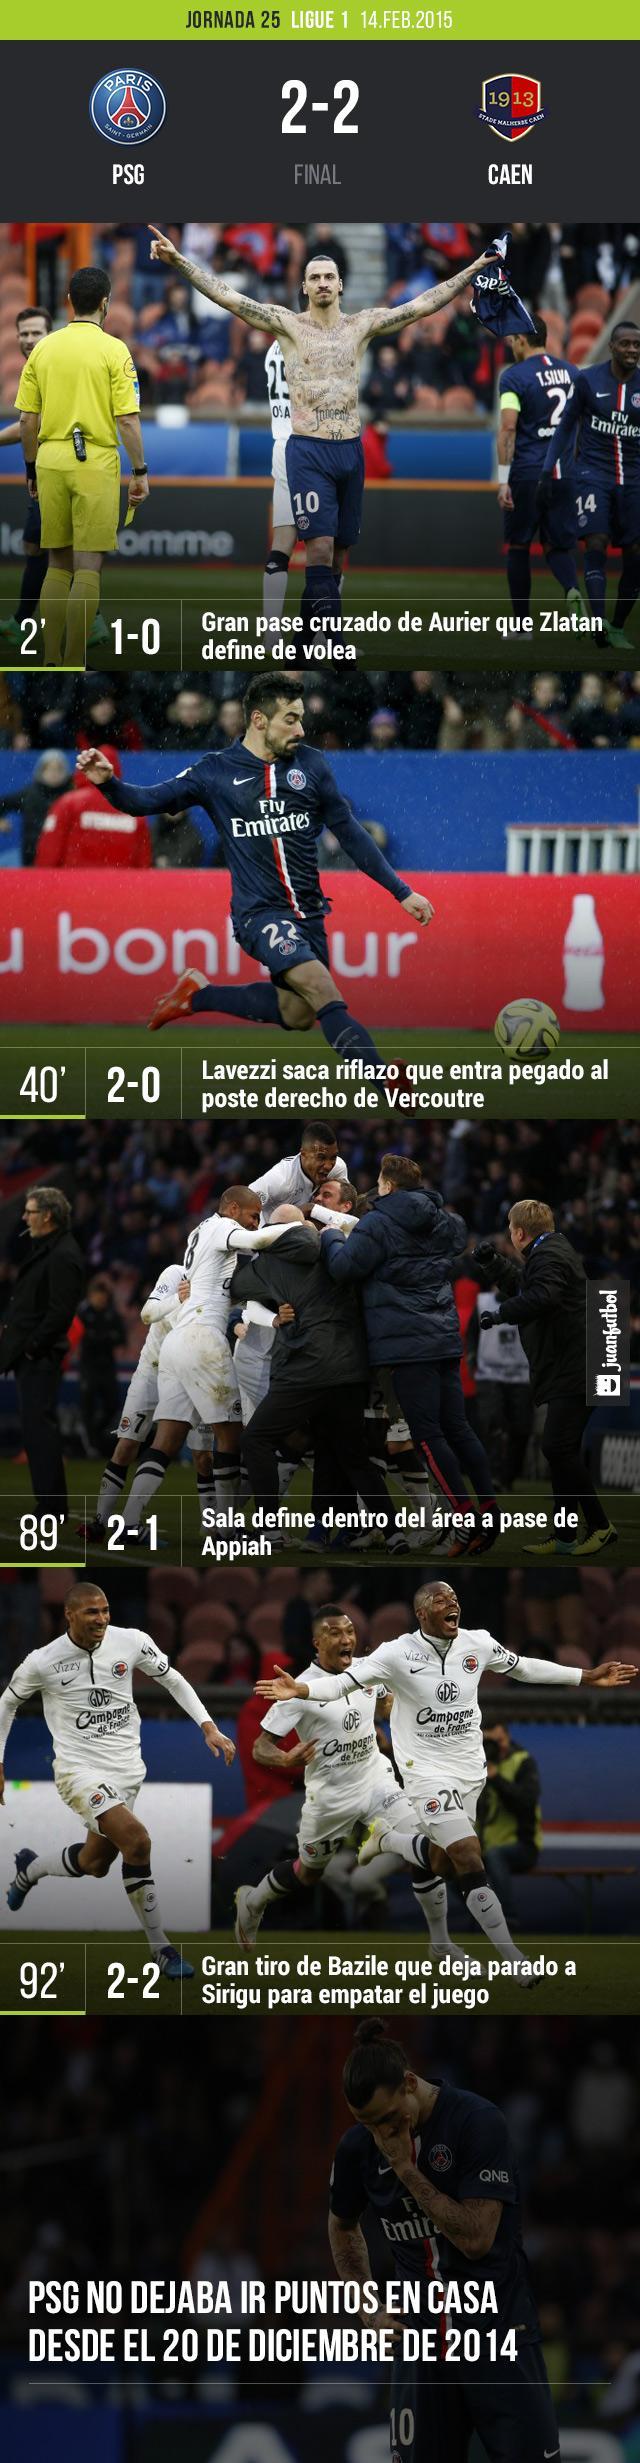 PSG empató 2-2 con Caen en la Ligue 1 con goles de Zlatan y Lavezzi